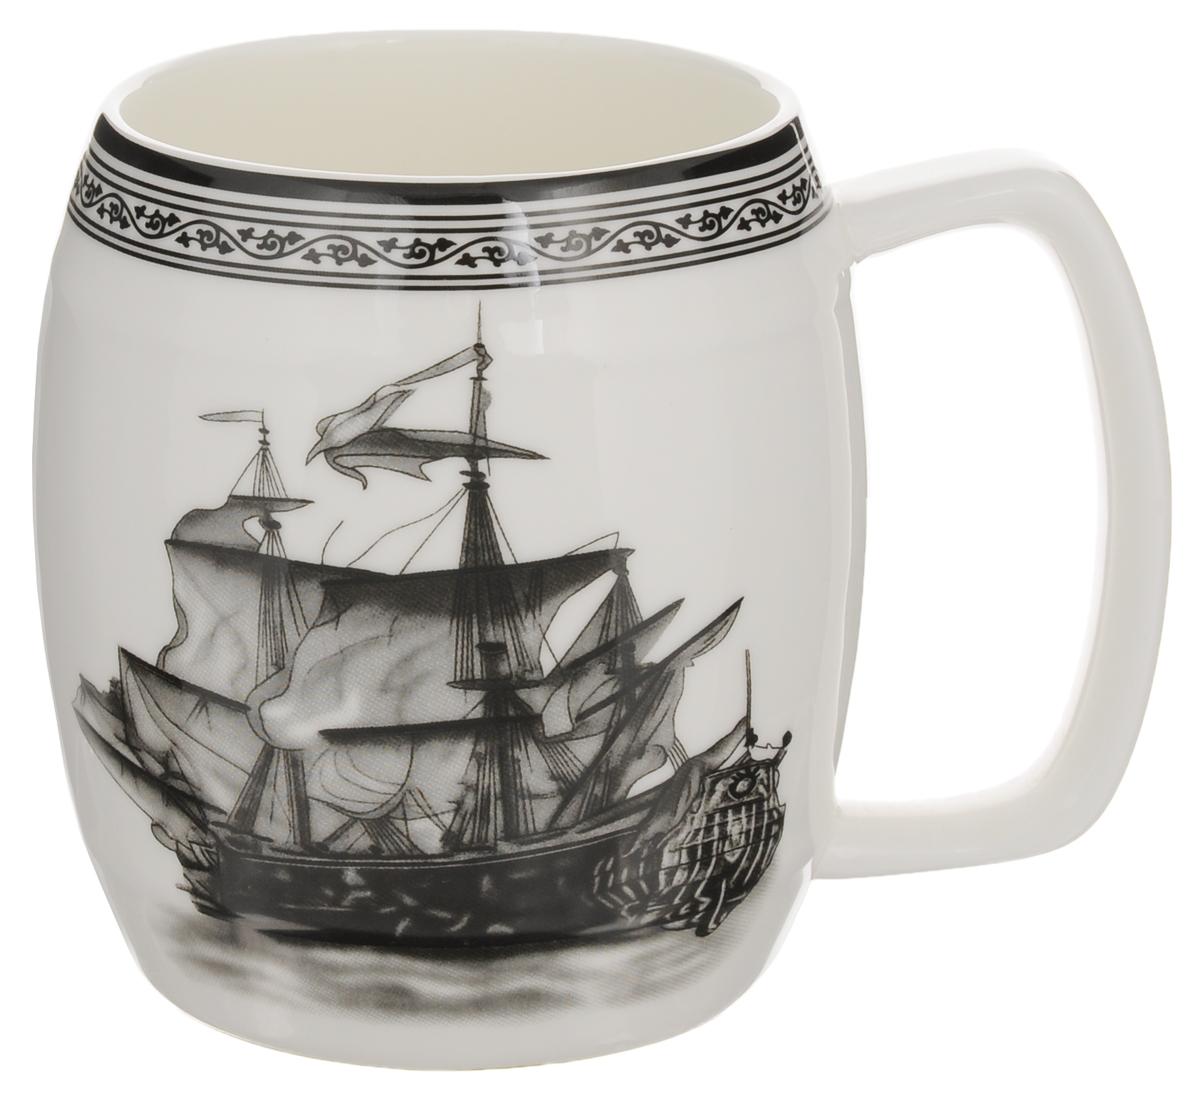 Кружка Elan Gallery Корабль, 700 мл115610Кружка Elan Gallery Корабль, изготовленная из высококачественной керамики, подходит для тех, кто предпочитает большие кружки и для любителей чая, кофе и пенных напитков.Изделие сочетает в себе изысканный дизайн с максимальной функциональностью. Такая кружка станет оригинальным подарком для ваших родных и близких. Диаметр кружки (по верхнему краю): 8,8 см.Высота кружки: 11,5 см.